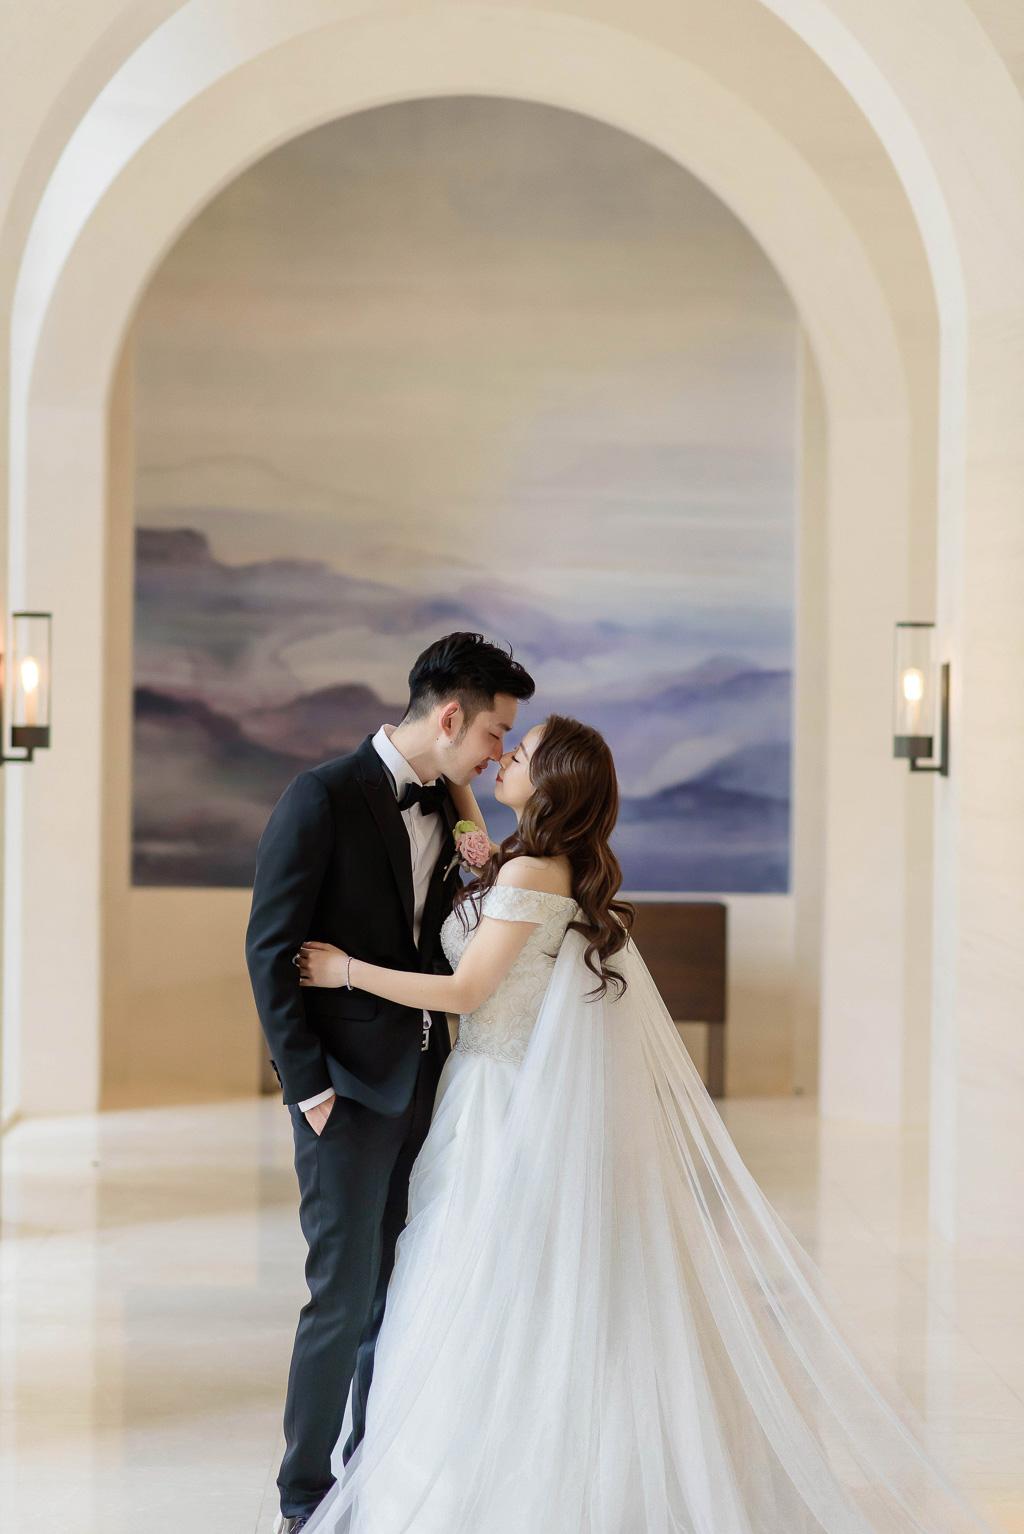 婚攝小勇,小寶團隊, 自助婚紗, 婚禮紀錄,朱飾戴吉-新娘秘書, 萬豪酒店,台北婚攝,wedding day-105